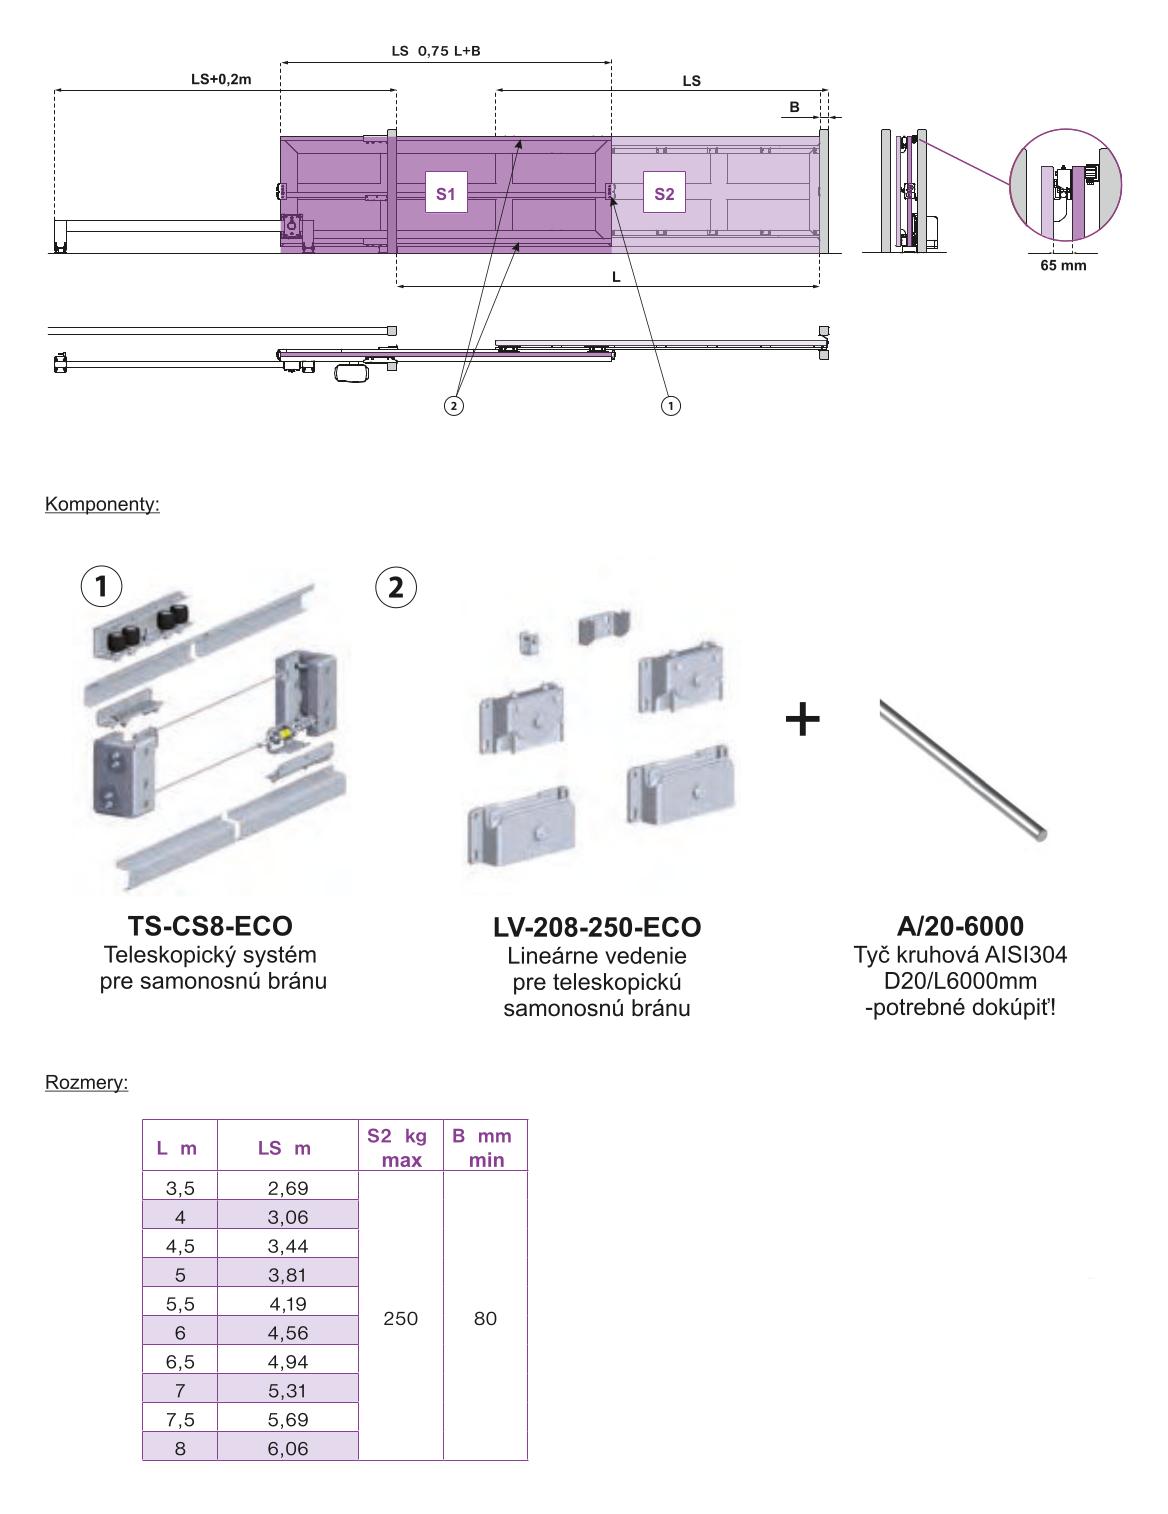 Teleskopický systém pre samonosnú bránu